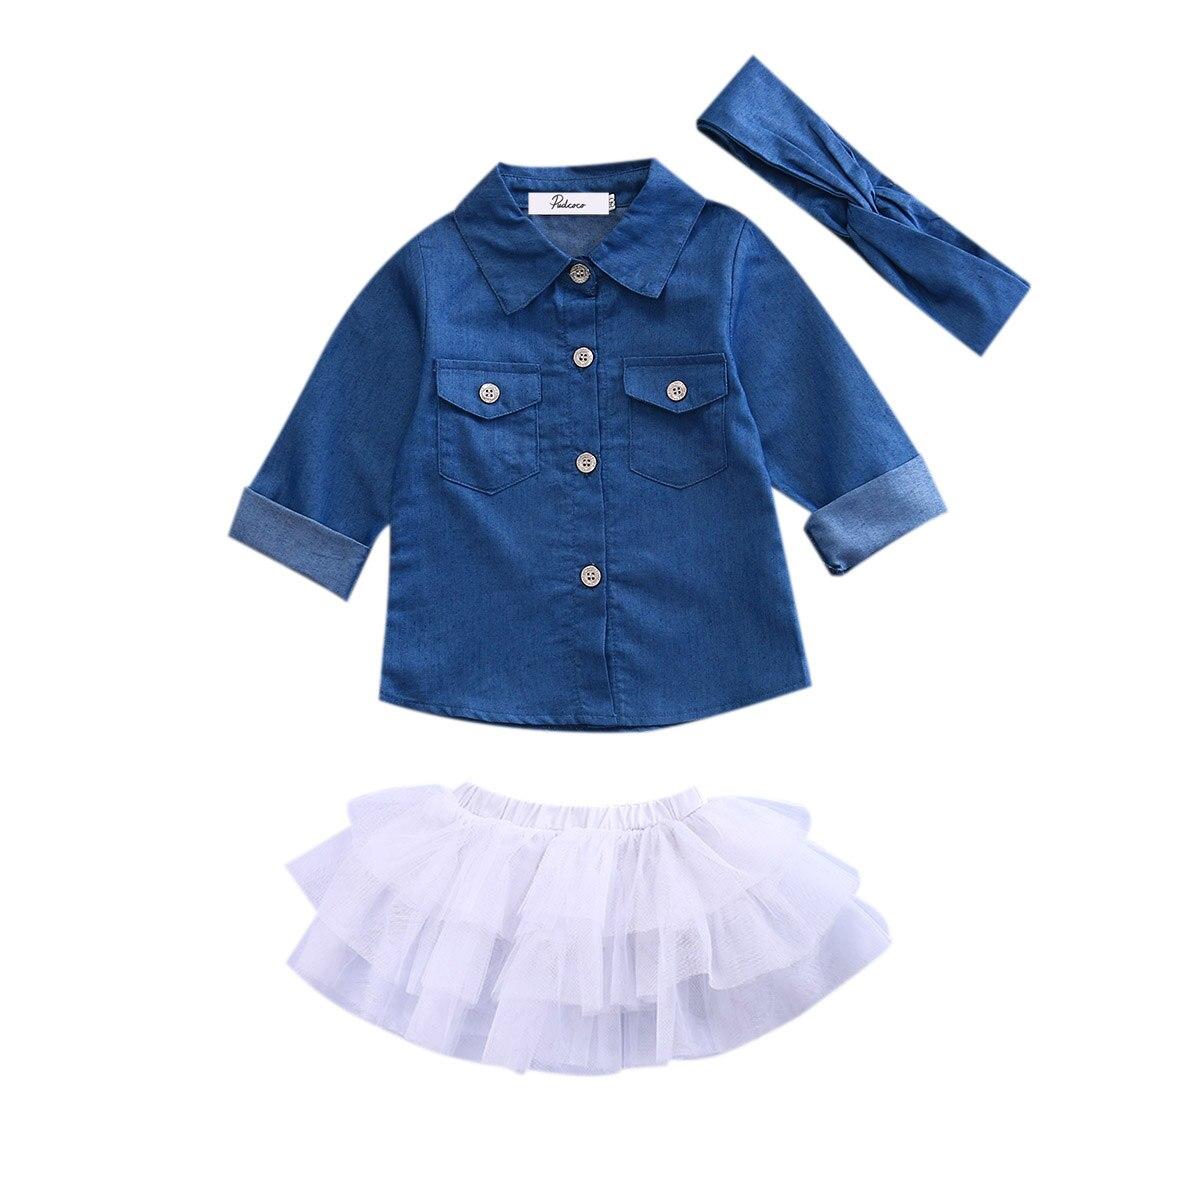 8769df1b2 3PC Toddler Baby Girls Outfits Denim Shirt+Leopard Skirt+headband ...